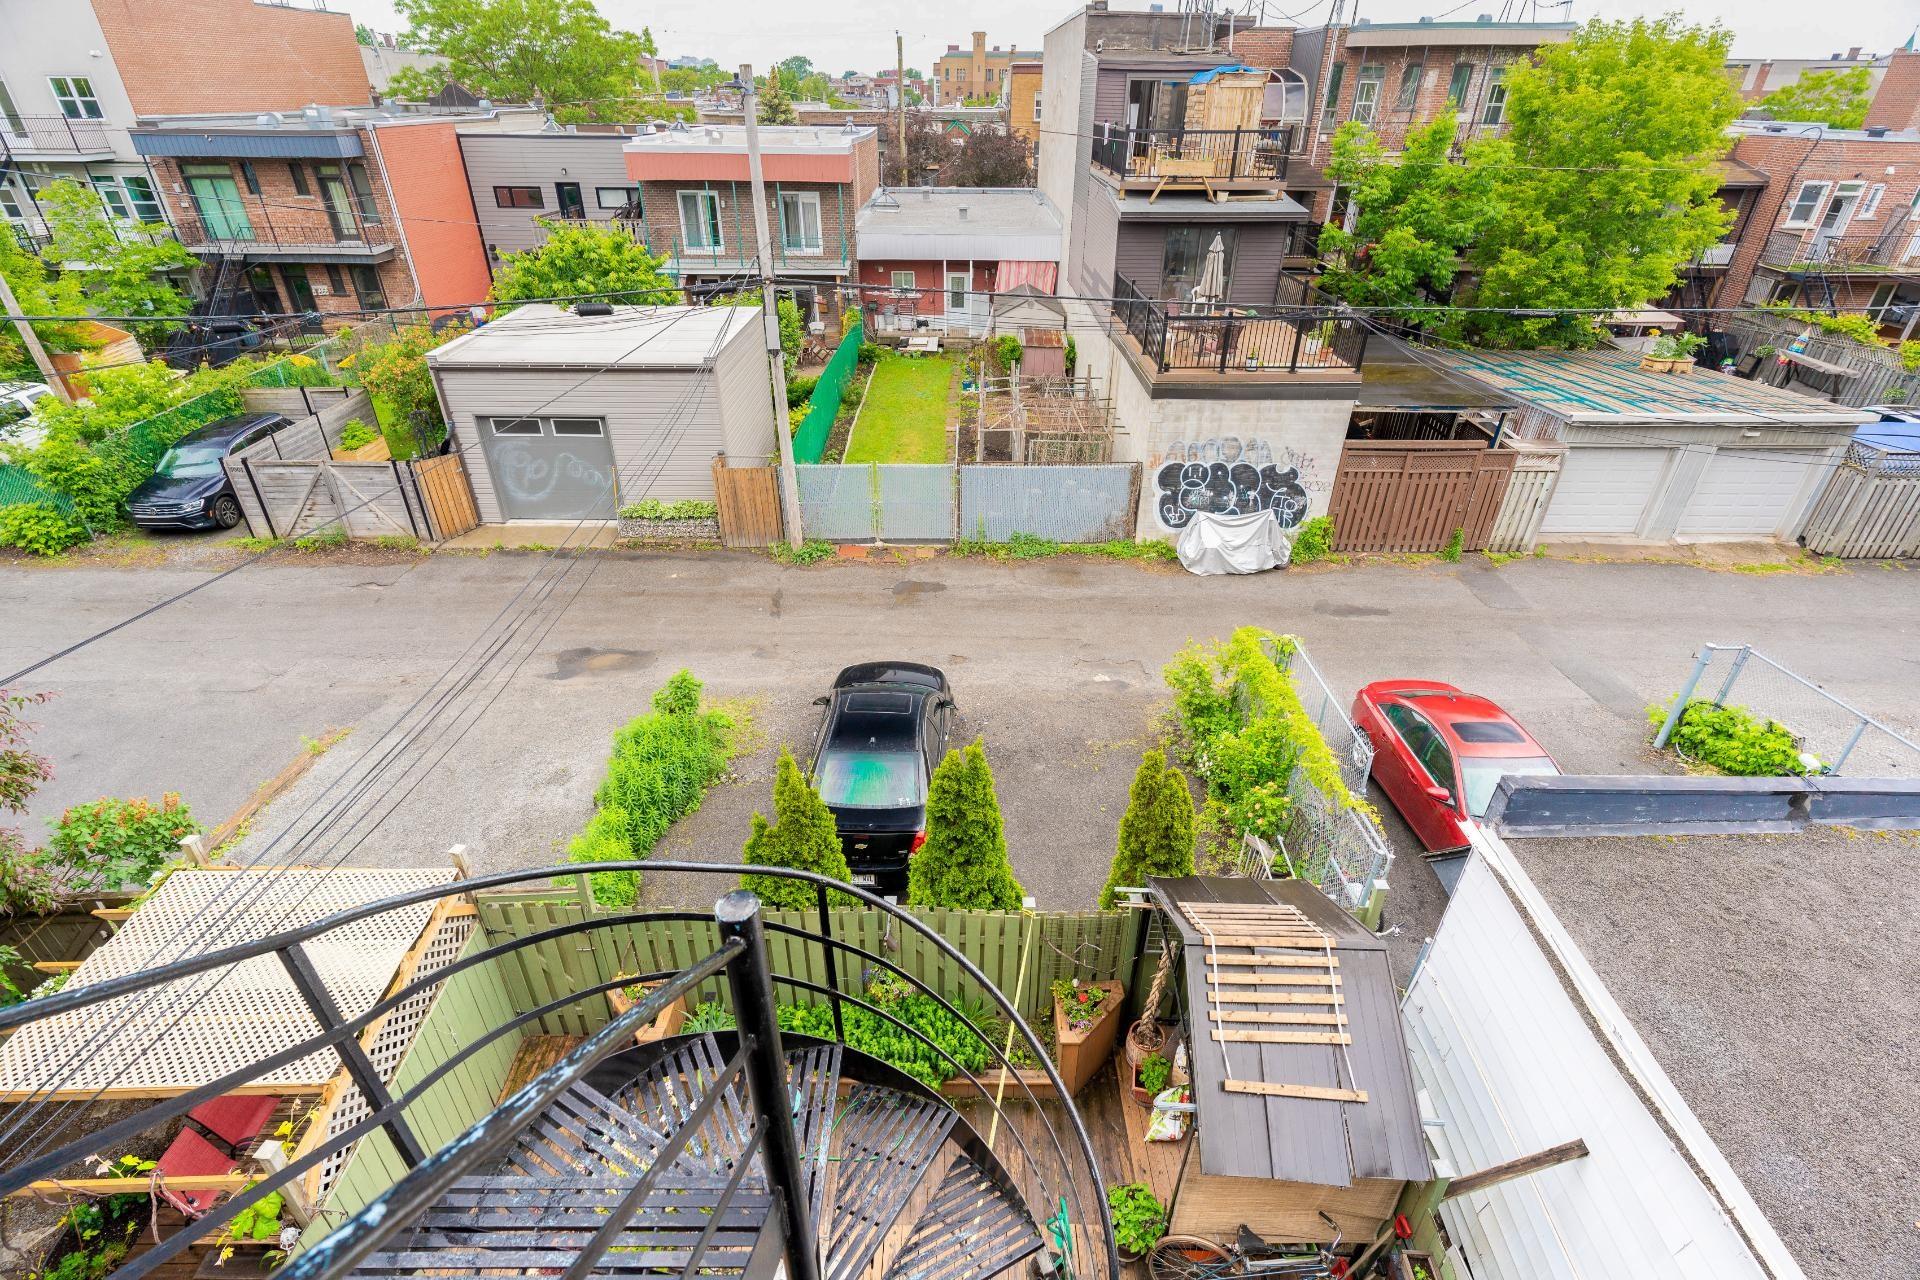 image 17 - Appartement À louer Rosemont/La Petite-Patrie Montréal  - 5 pièces